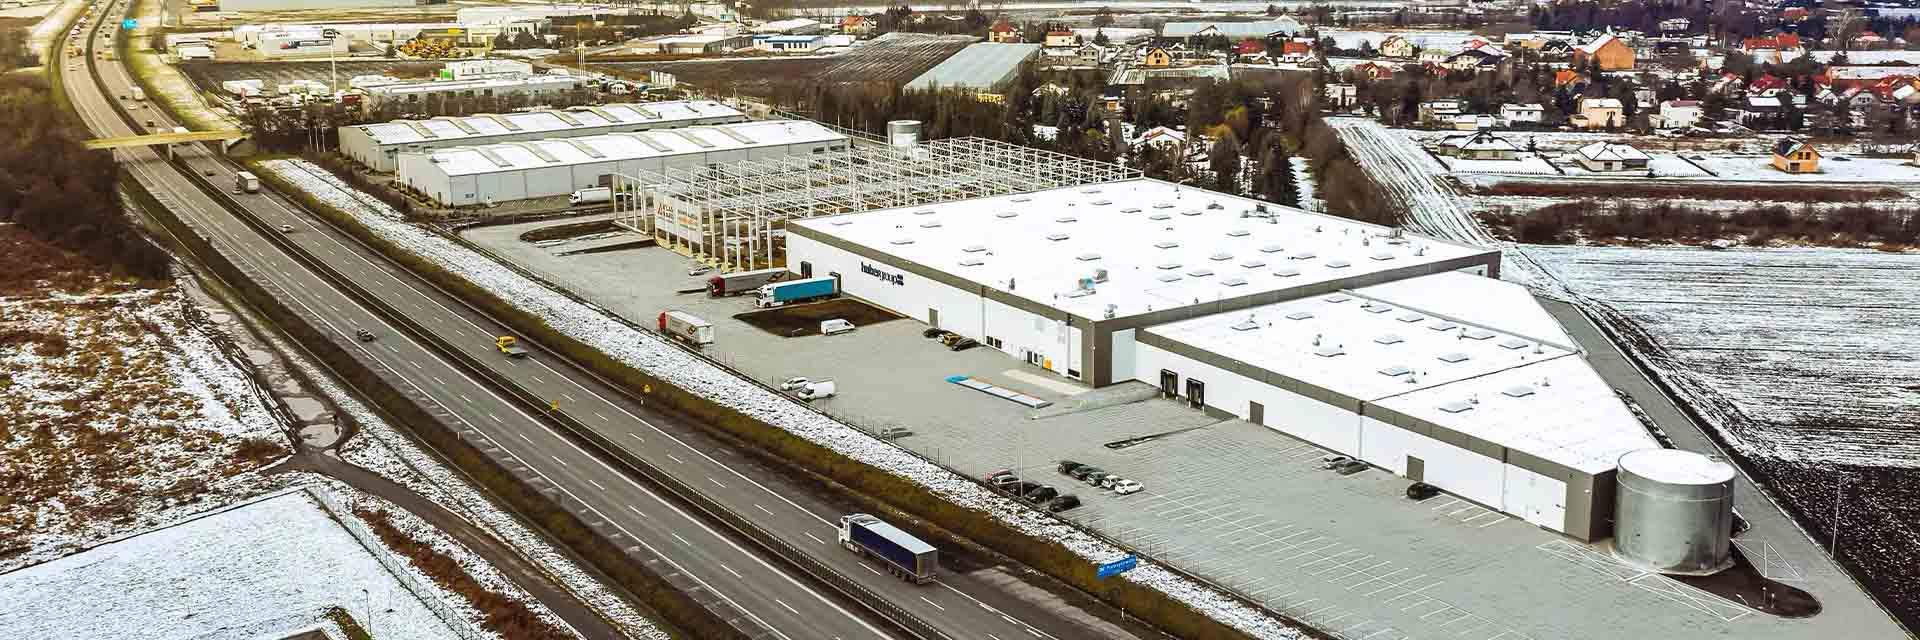 hubergroup становится ближе: компания открыла новый современный завод в Польше